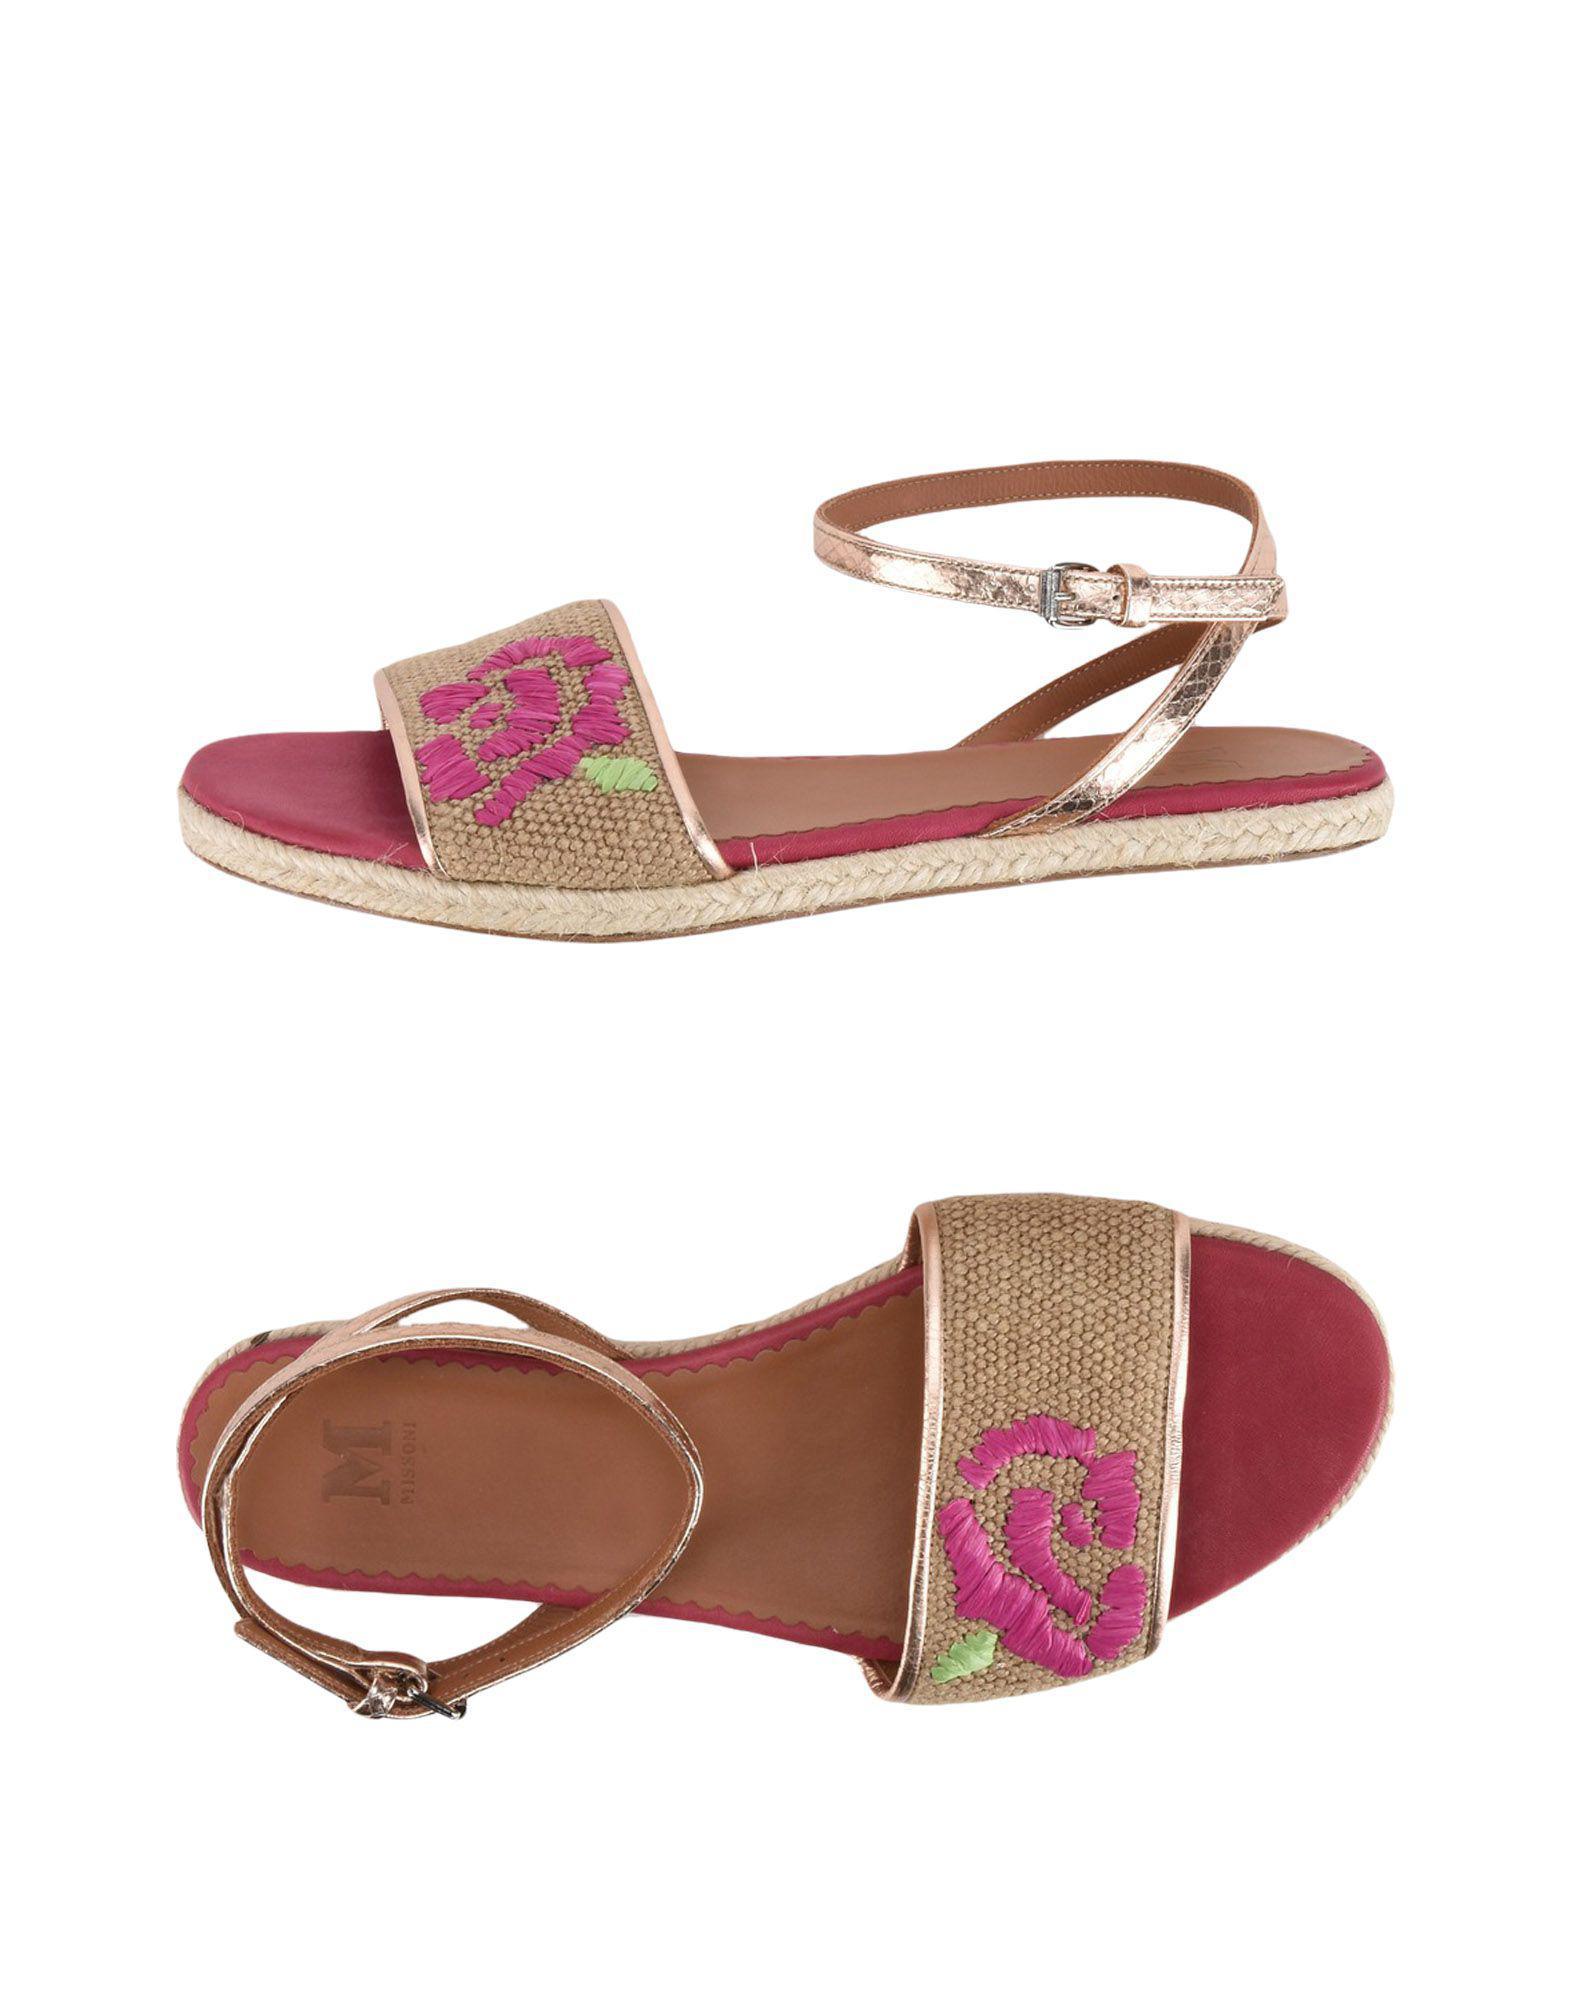 FOOTWEAR - Toe post sandals M Missoni j49xzO